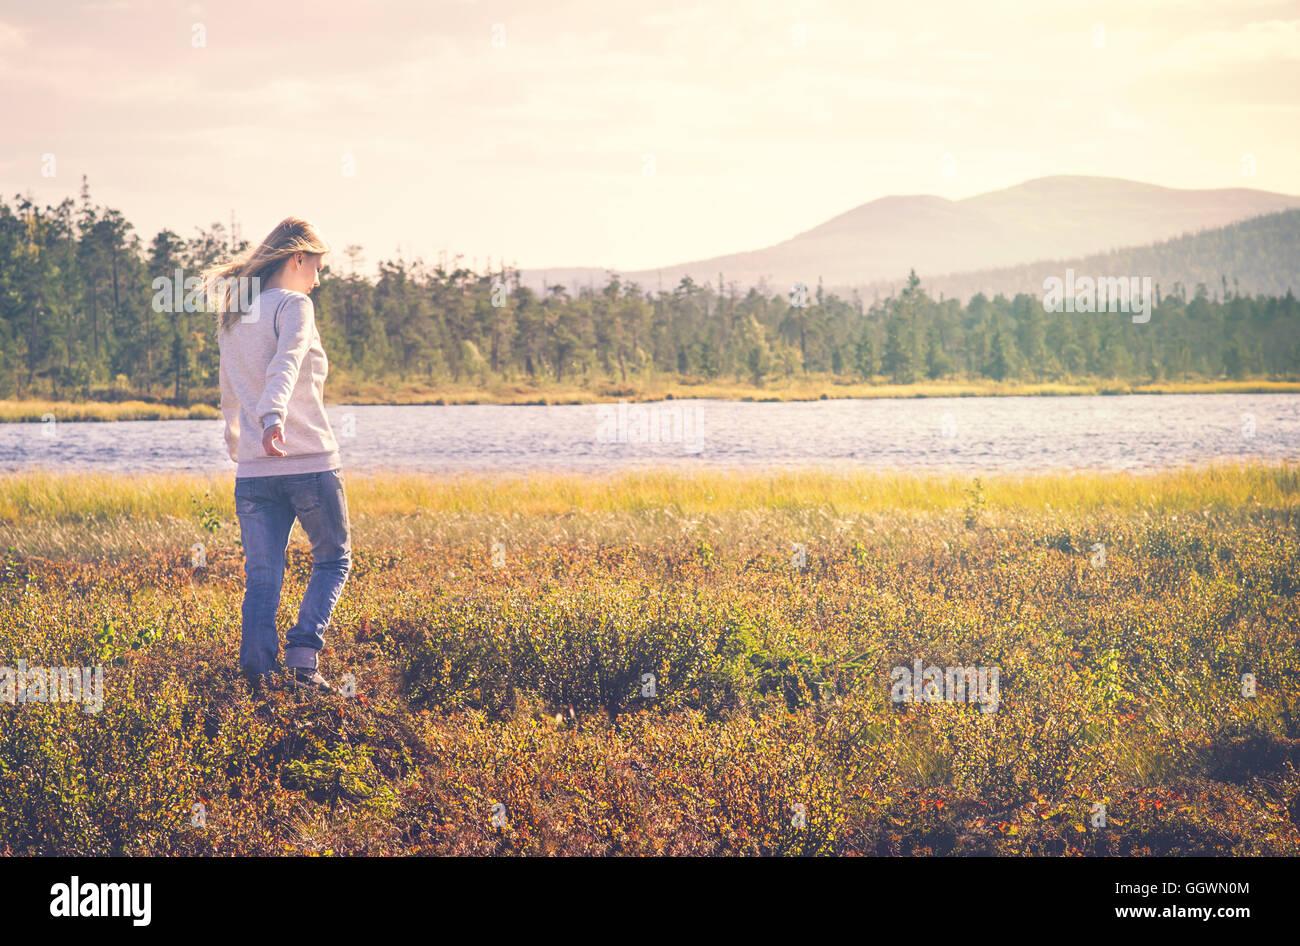 Mujer viajero caminar solo en concepto de estilo de vida de Viajes Vacaciones de verano al aire libre bosque tundra Imagen De Stock